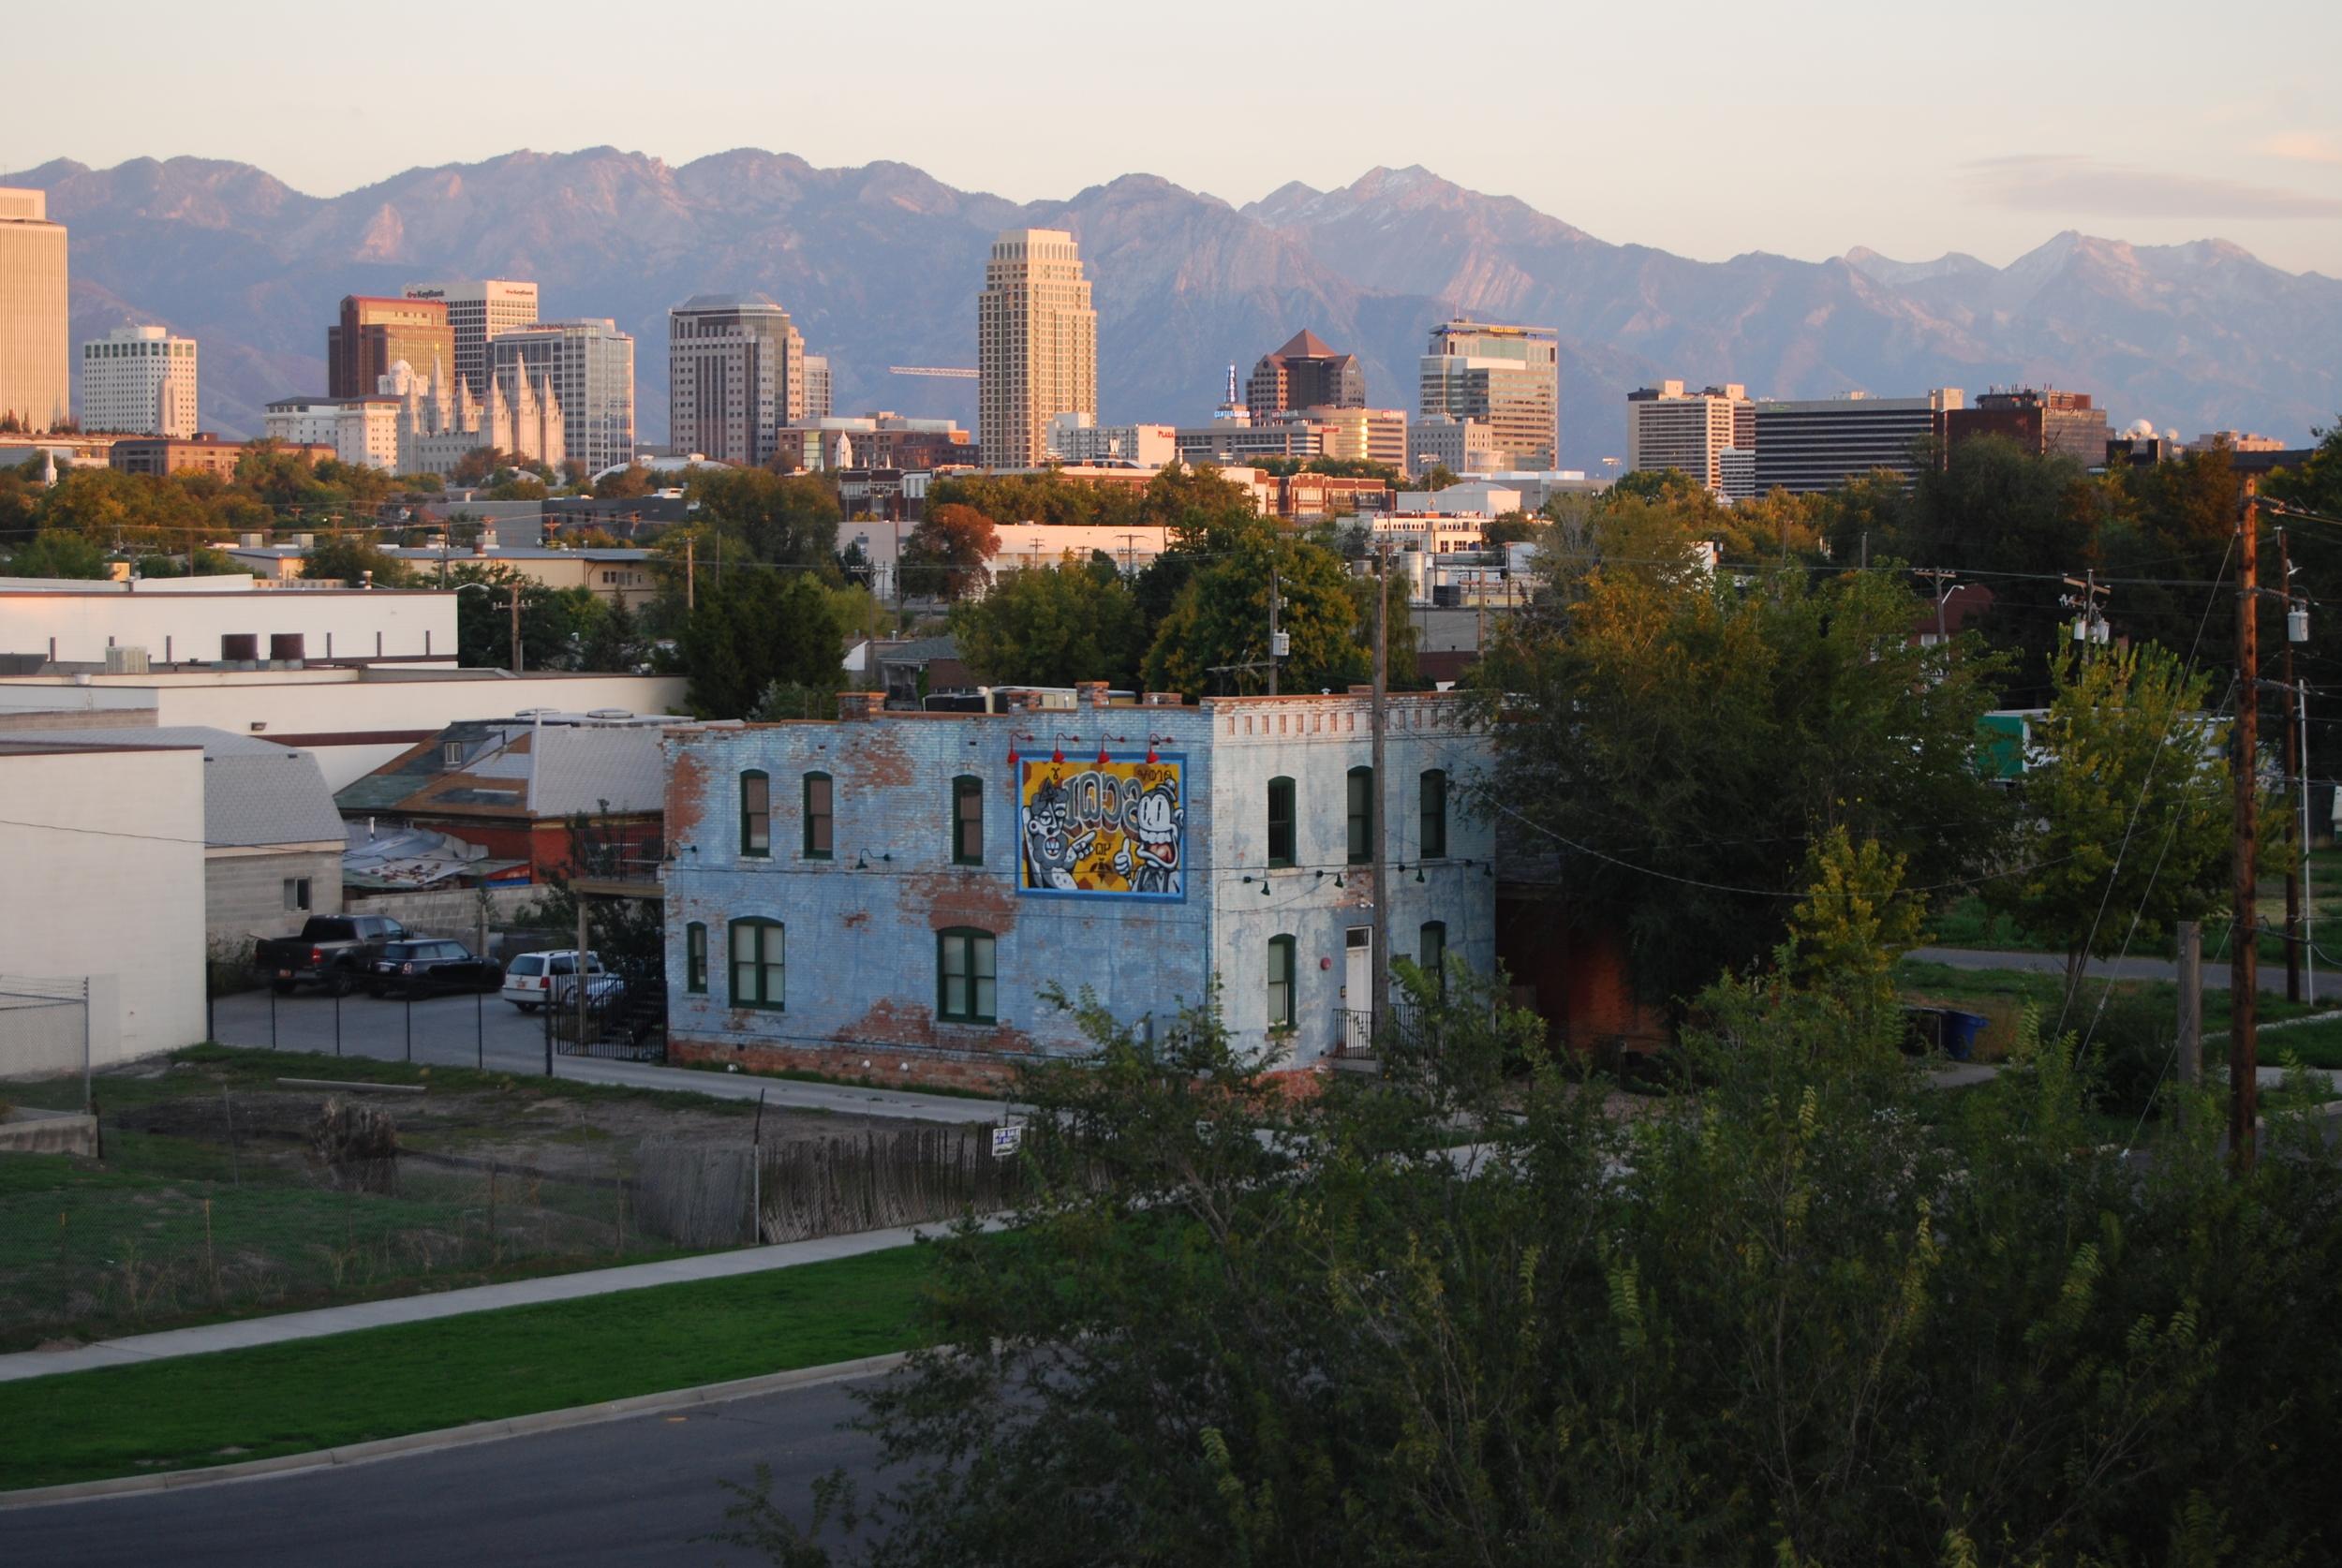 I love Salt Lake City